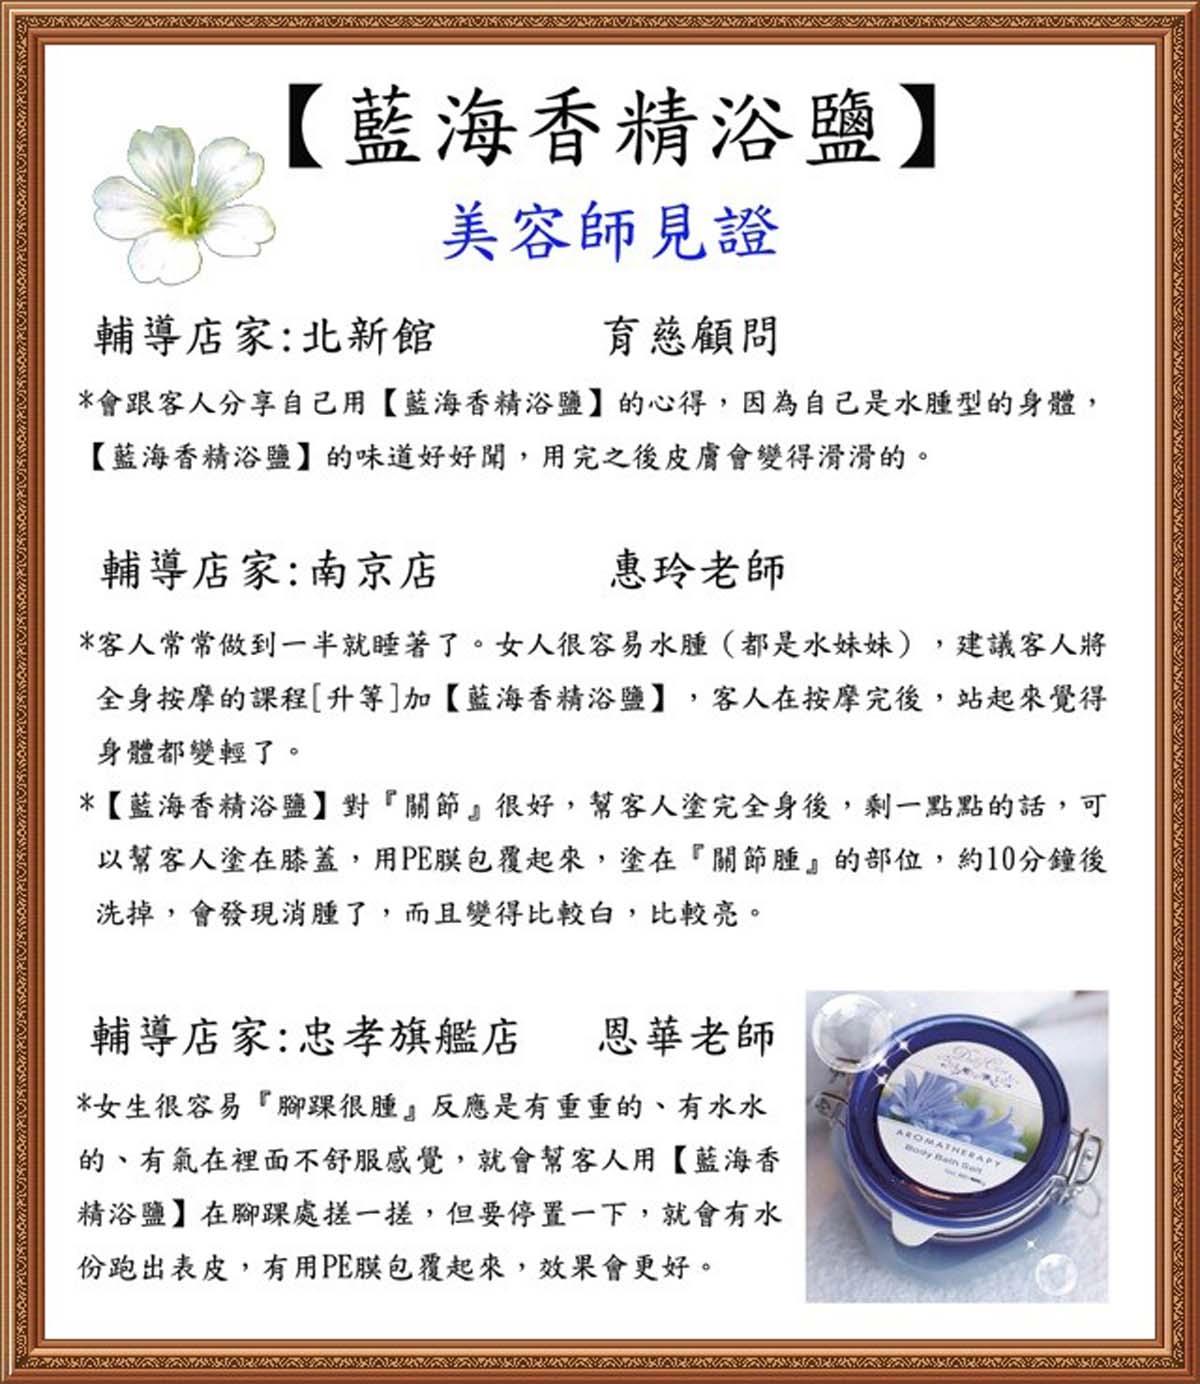 藍海香精浴鹽-美容師見證1